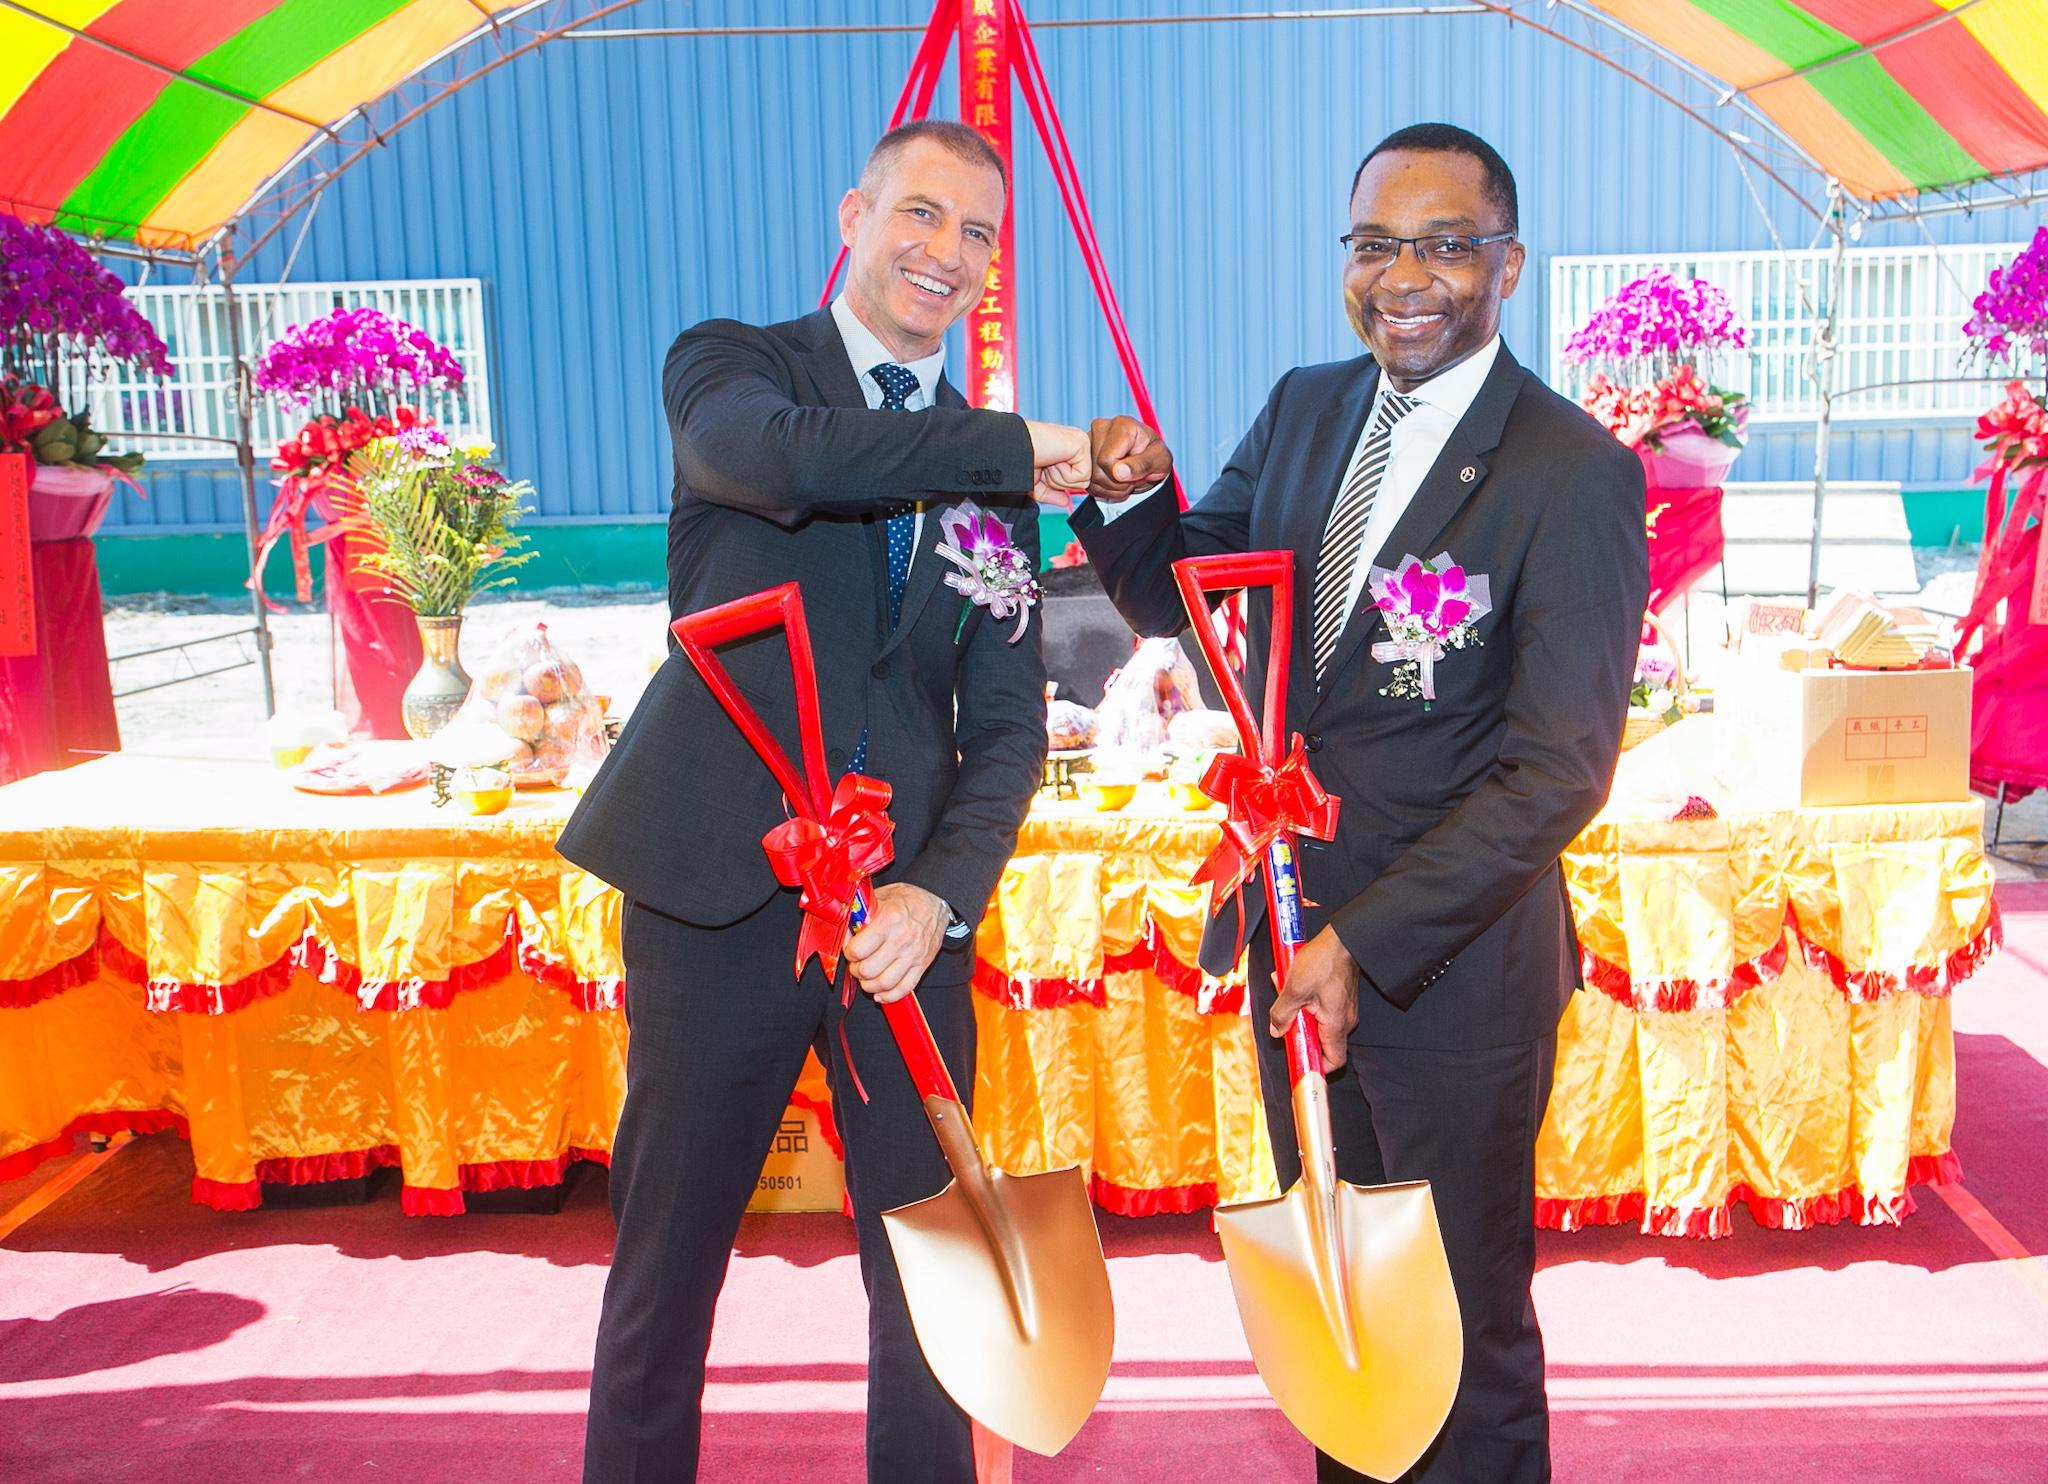 台灣賓士客戶服務處副總裁施韜騰(左) 及台灣賓士財務長奧諾瑞 (右)共同主持動土典禮。